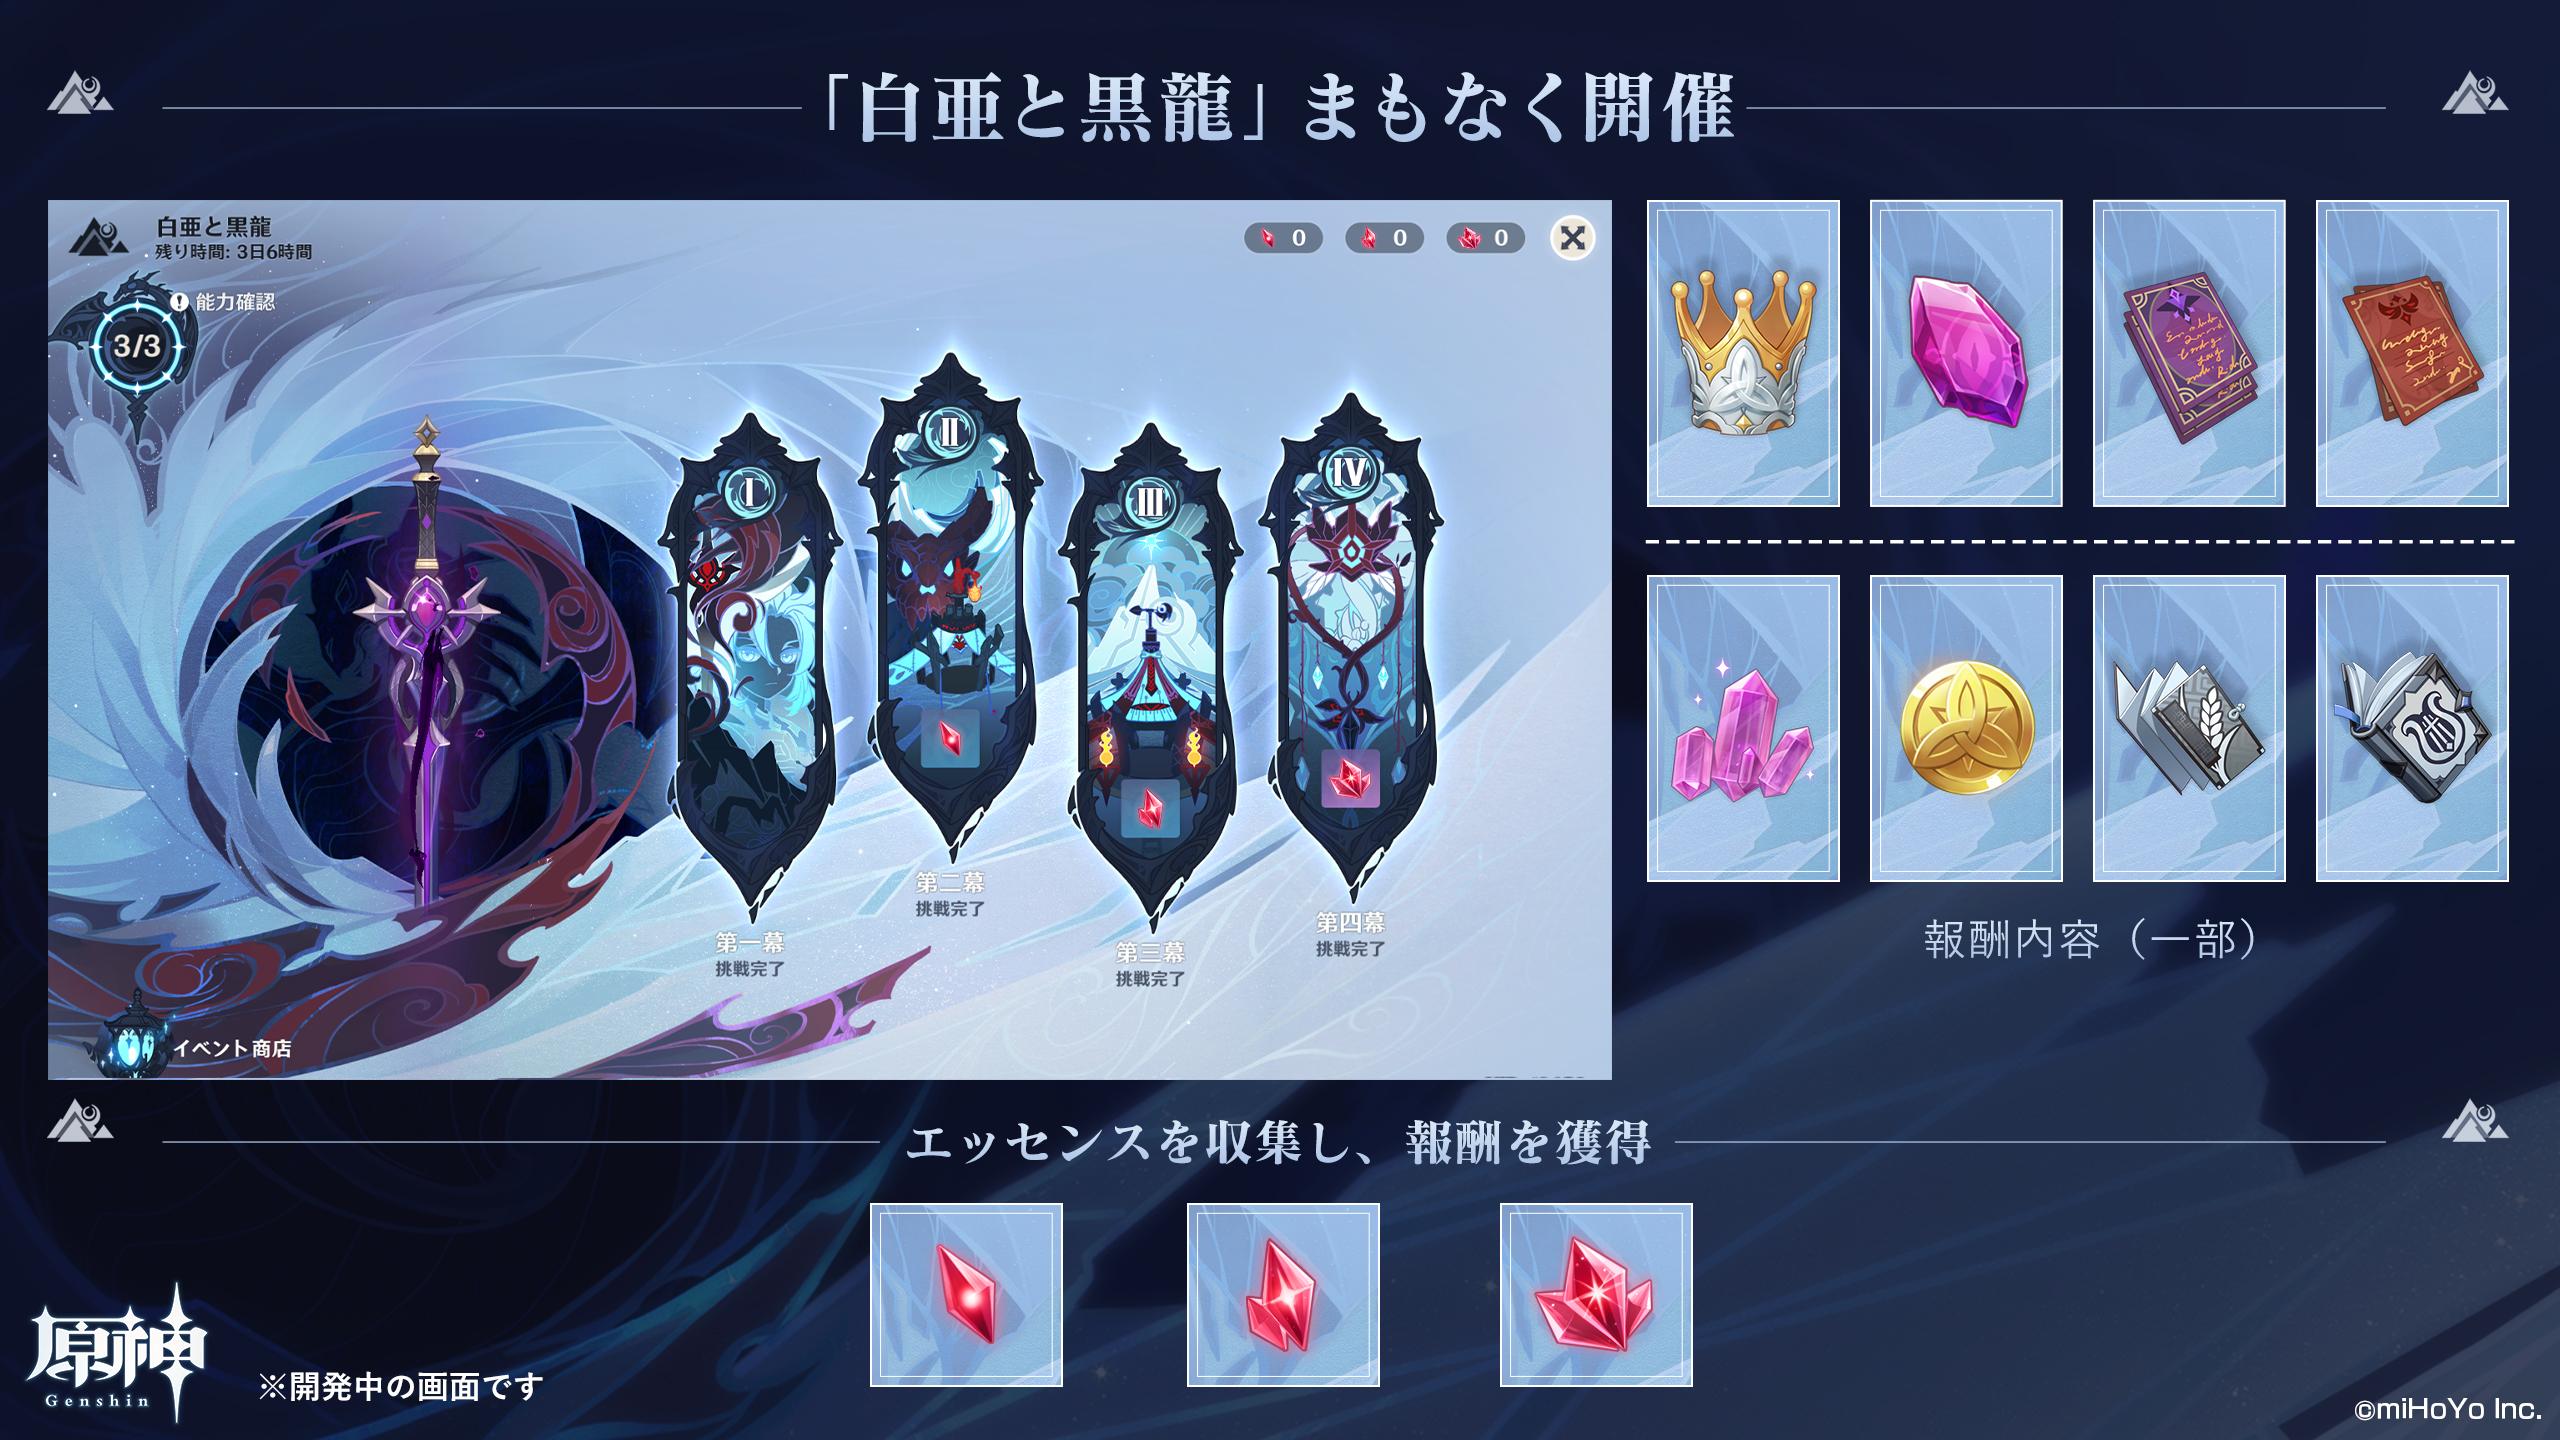 【原神】新イベント「白亜と黒龍」